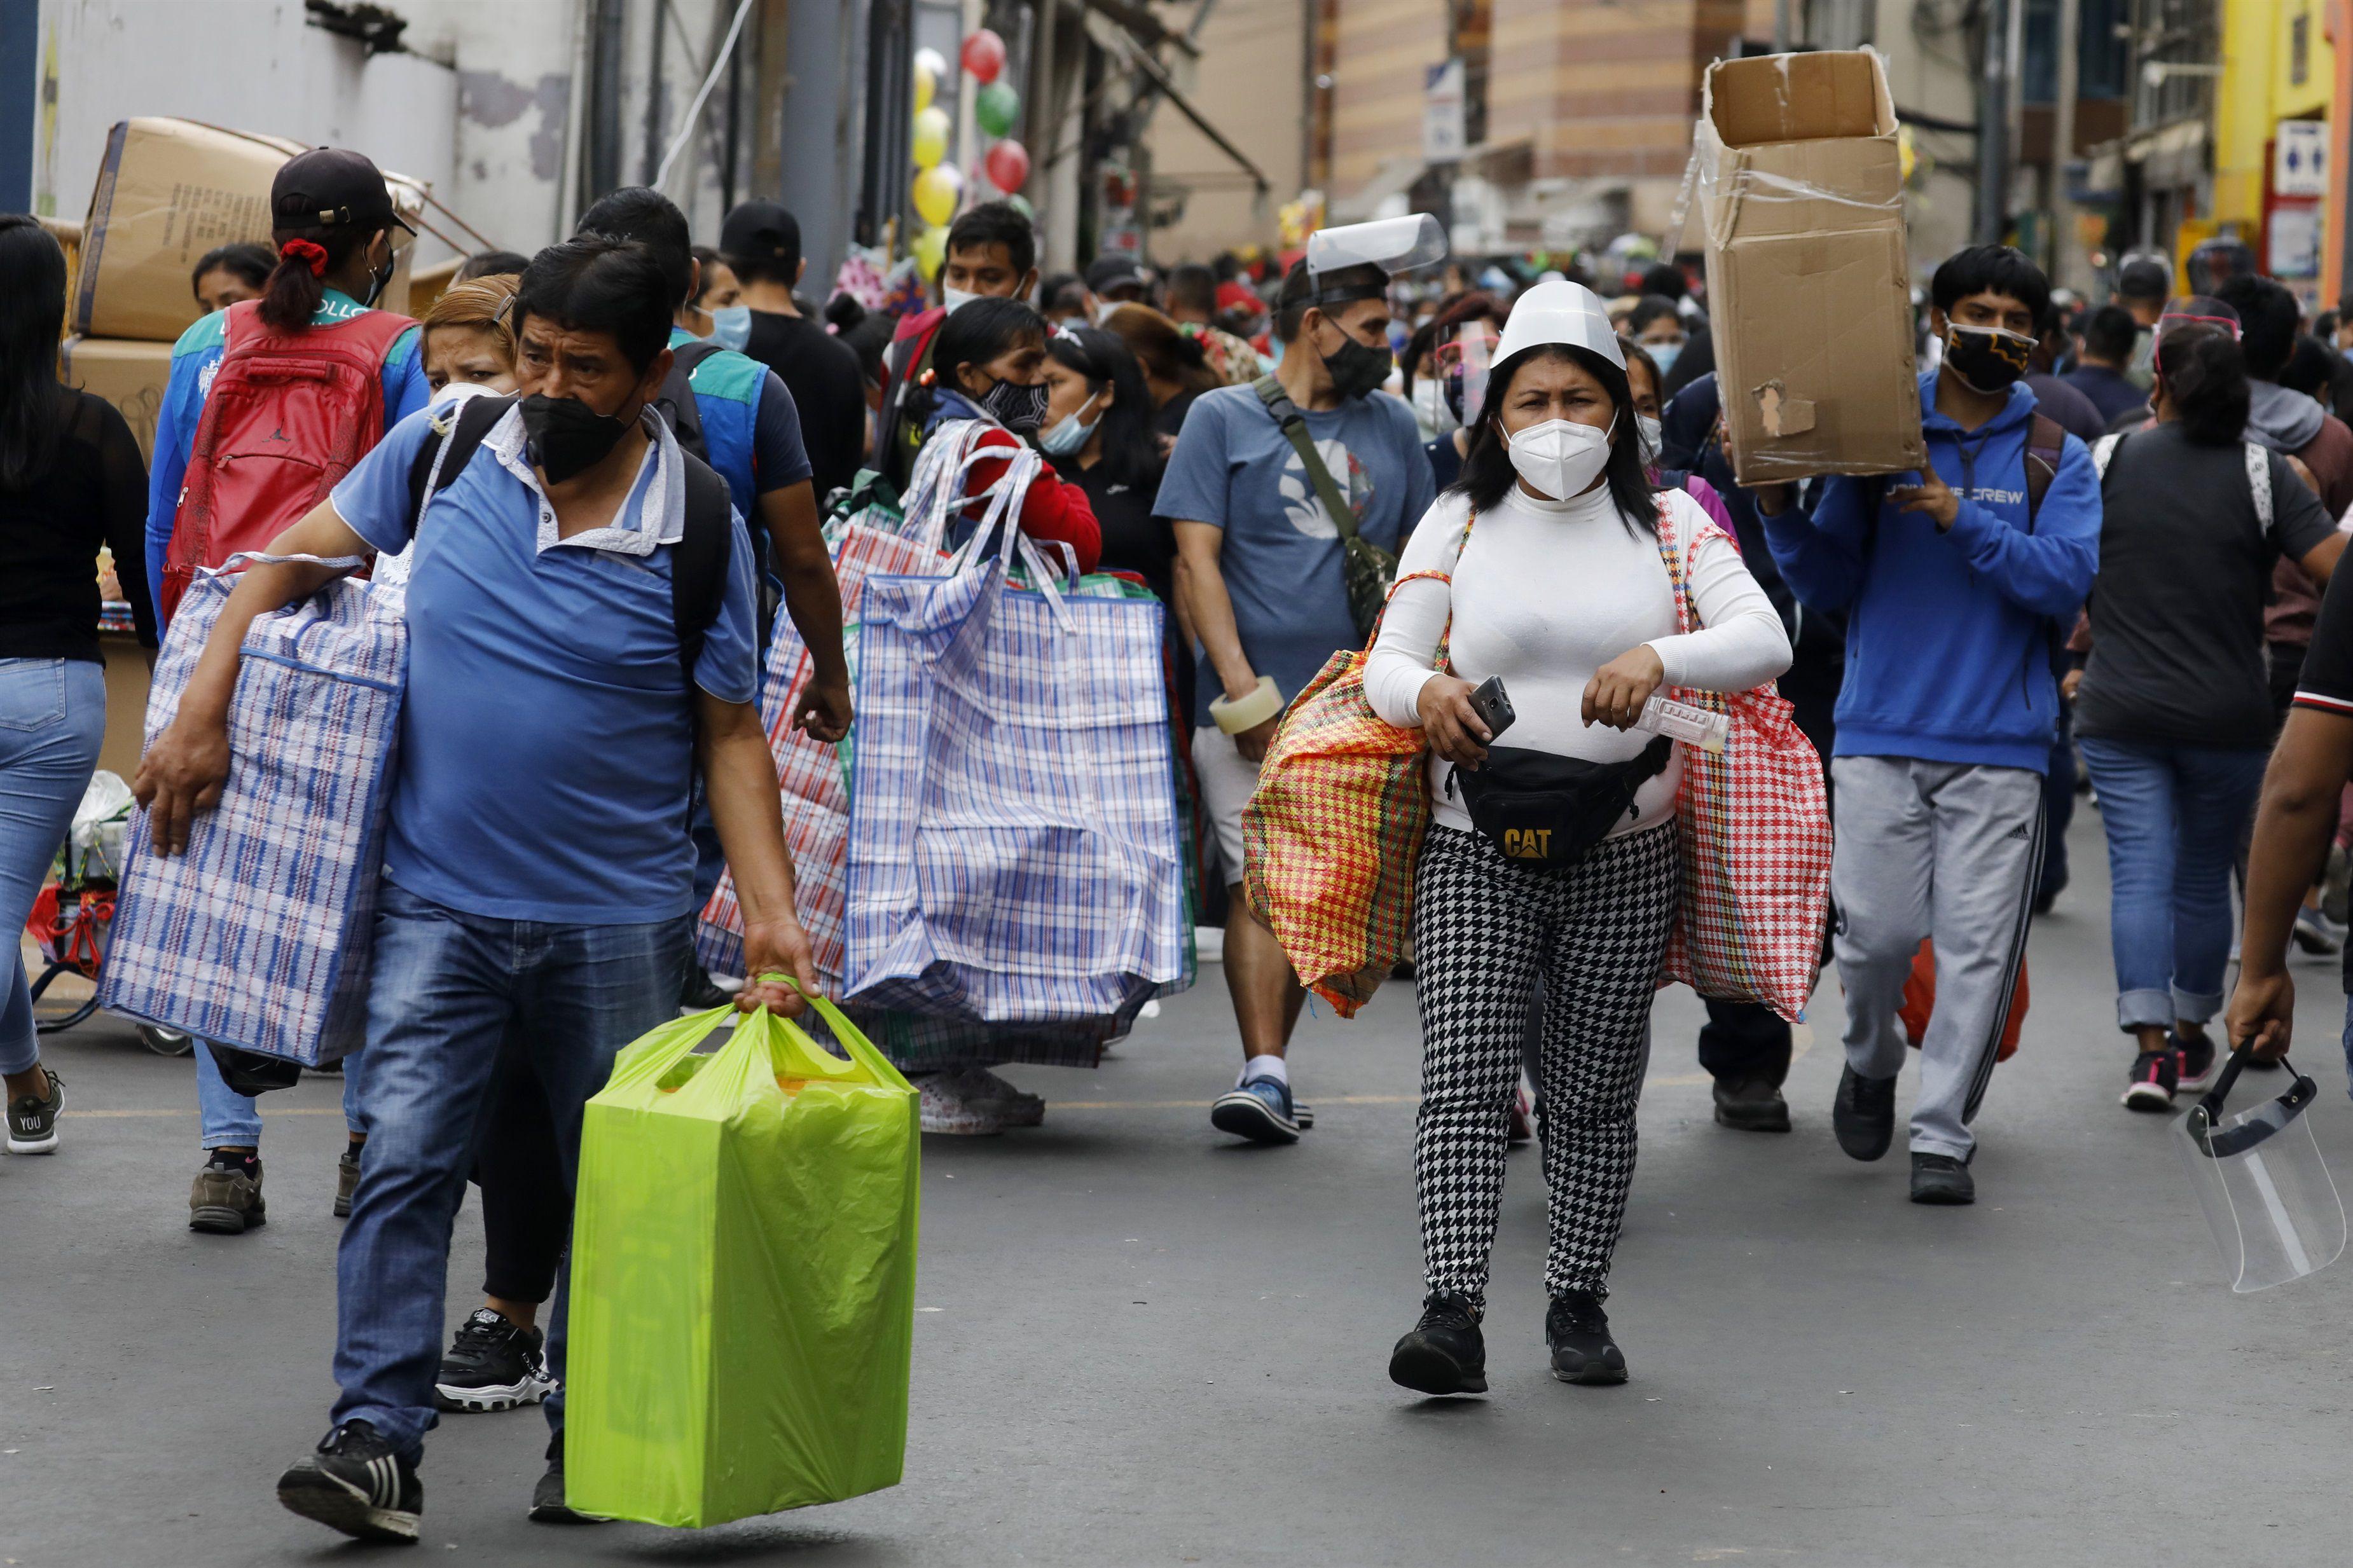 Las denuncias por el delito de trata de personas, que en su gran mayoría están vinculadas con la explotación sexual, volvieron a incrementarse en Perú durante la primera mitad de este año (FOTO: EUROPA PRESS)